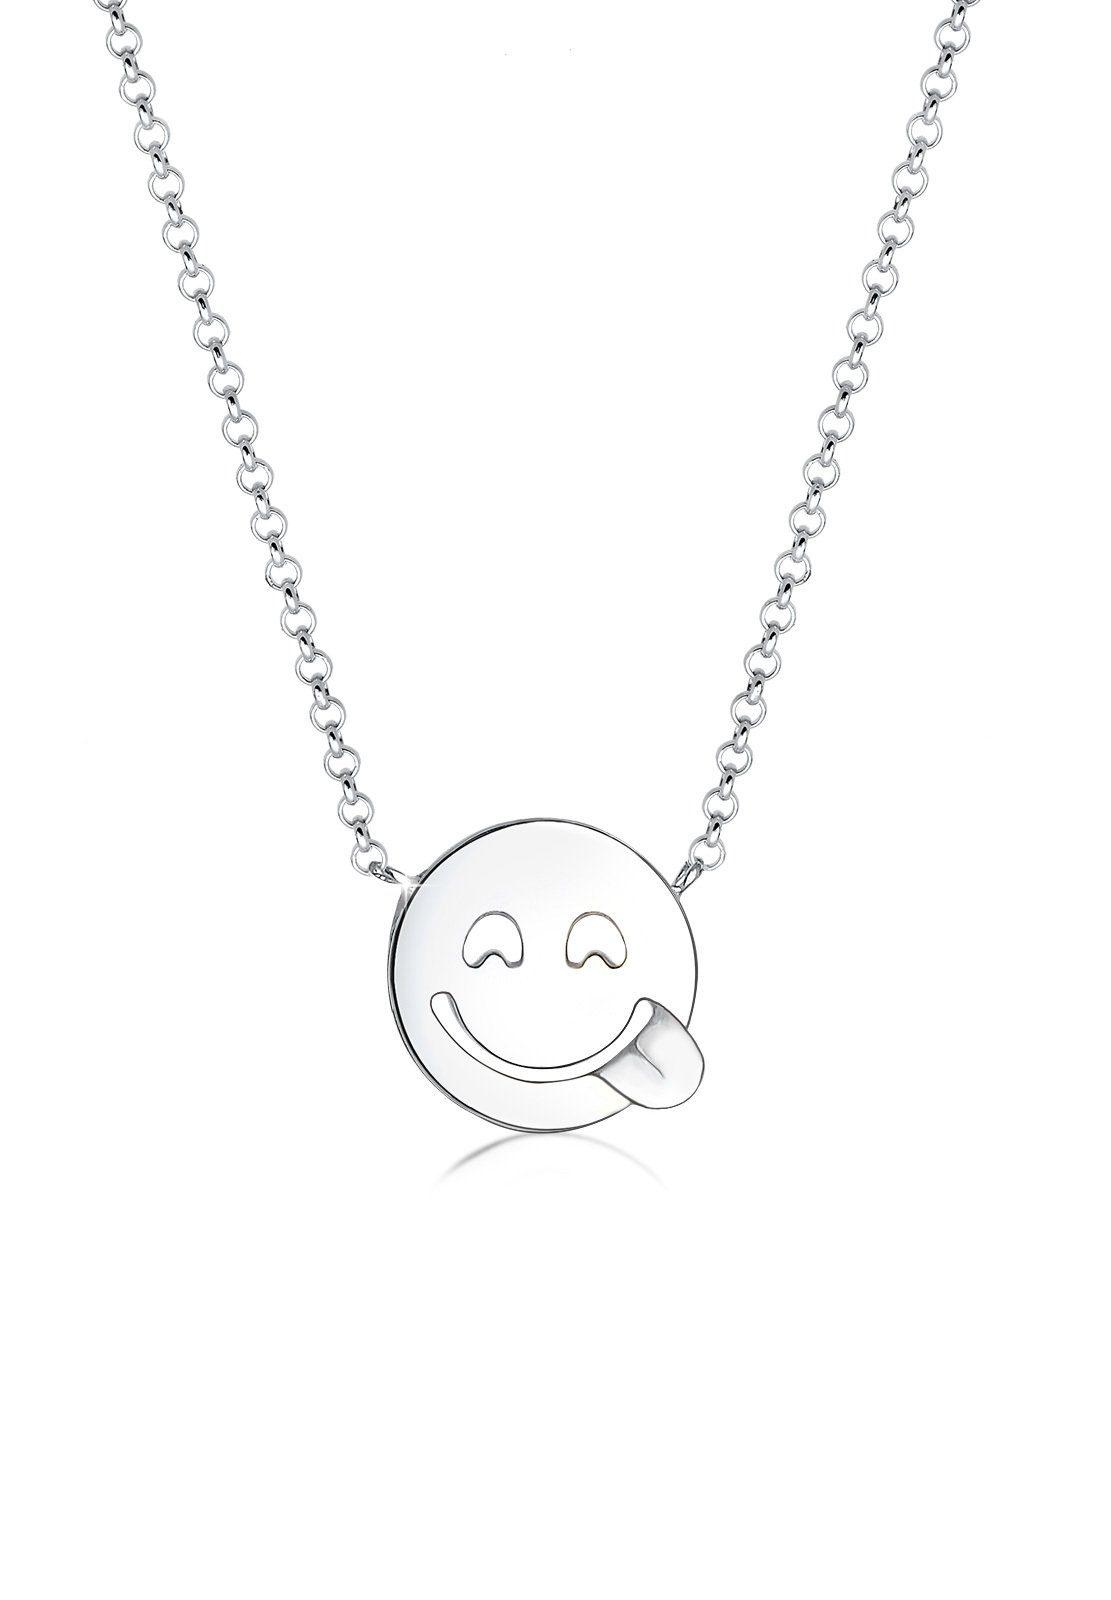 Elli Collierkettchen »Smiley Face Emotion Emoji 925 Sterling Silber«